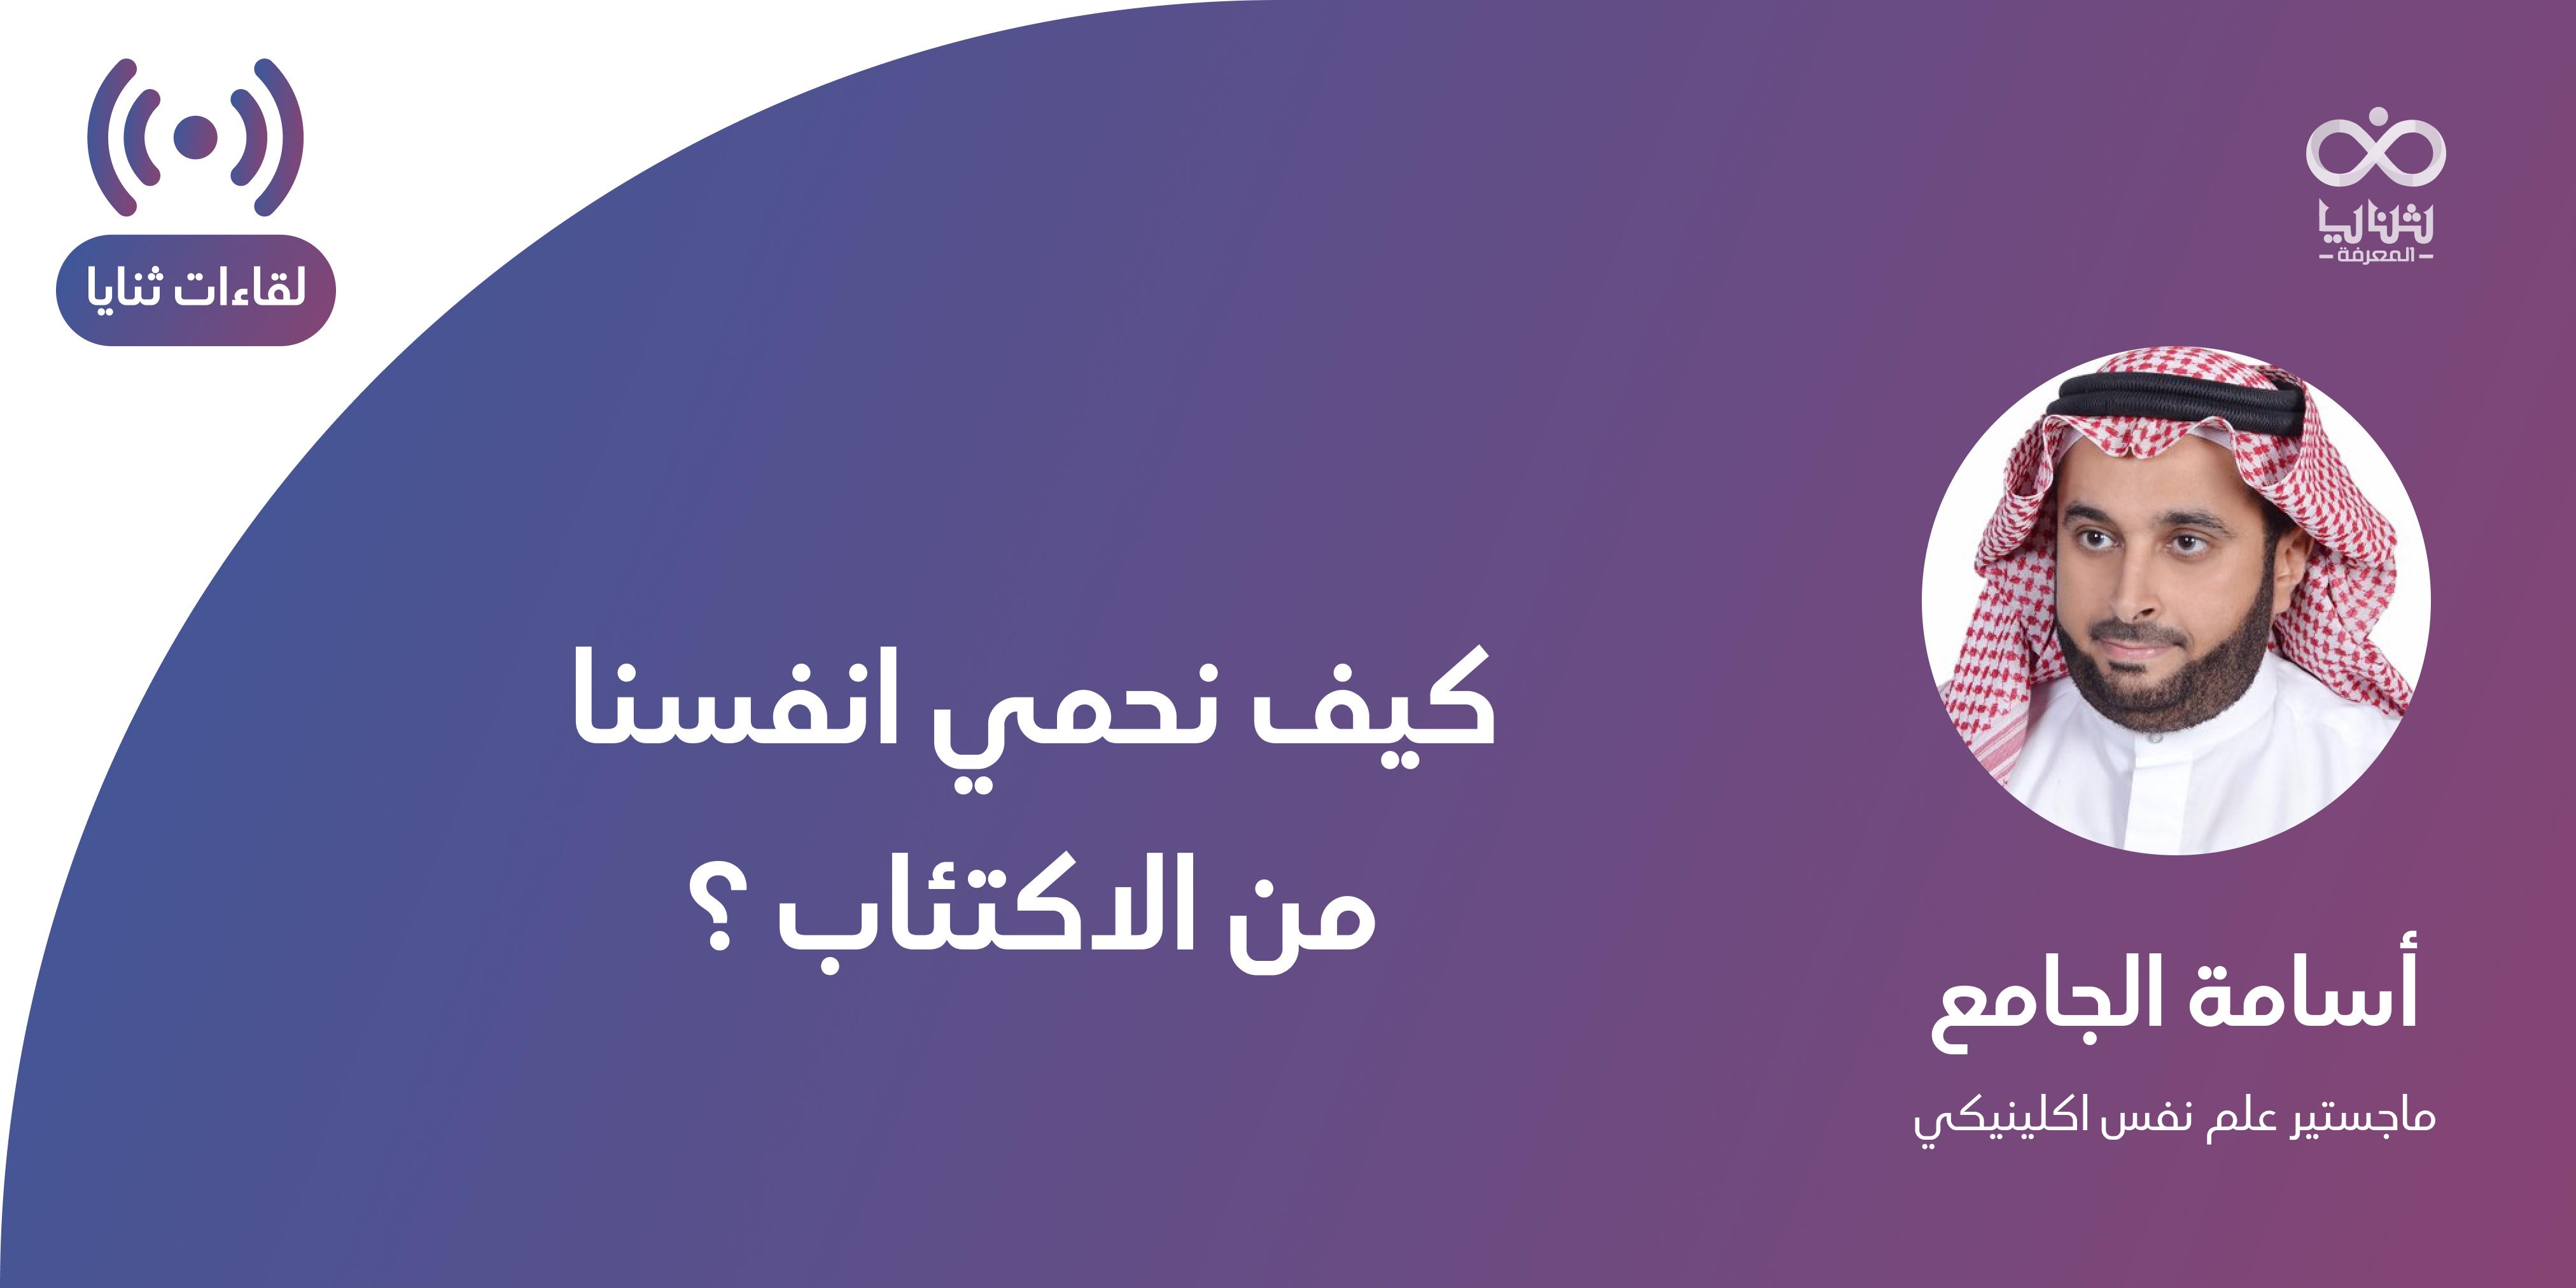 أ. أسامة الجامع - #لقاءات_ثنايا: كيف نحمي أنفسنا من الاكتئاب؟